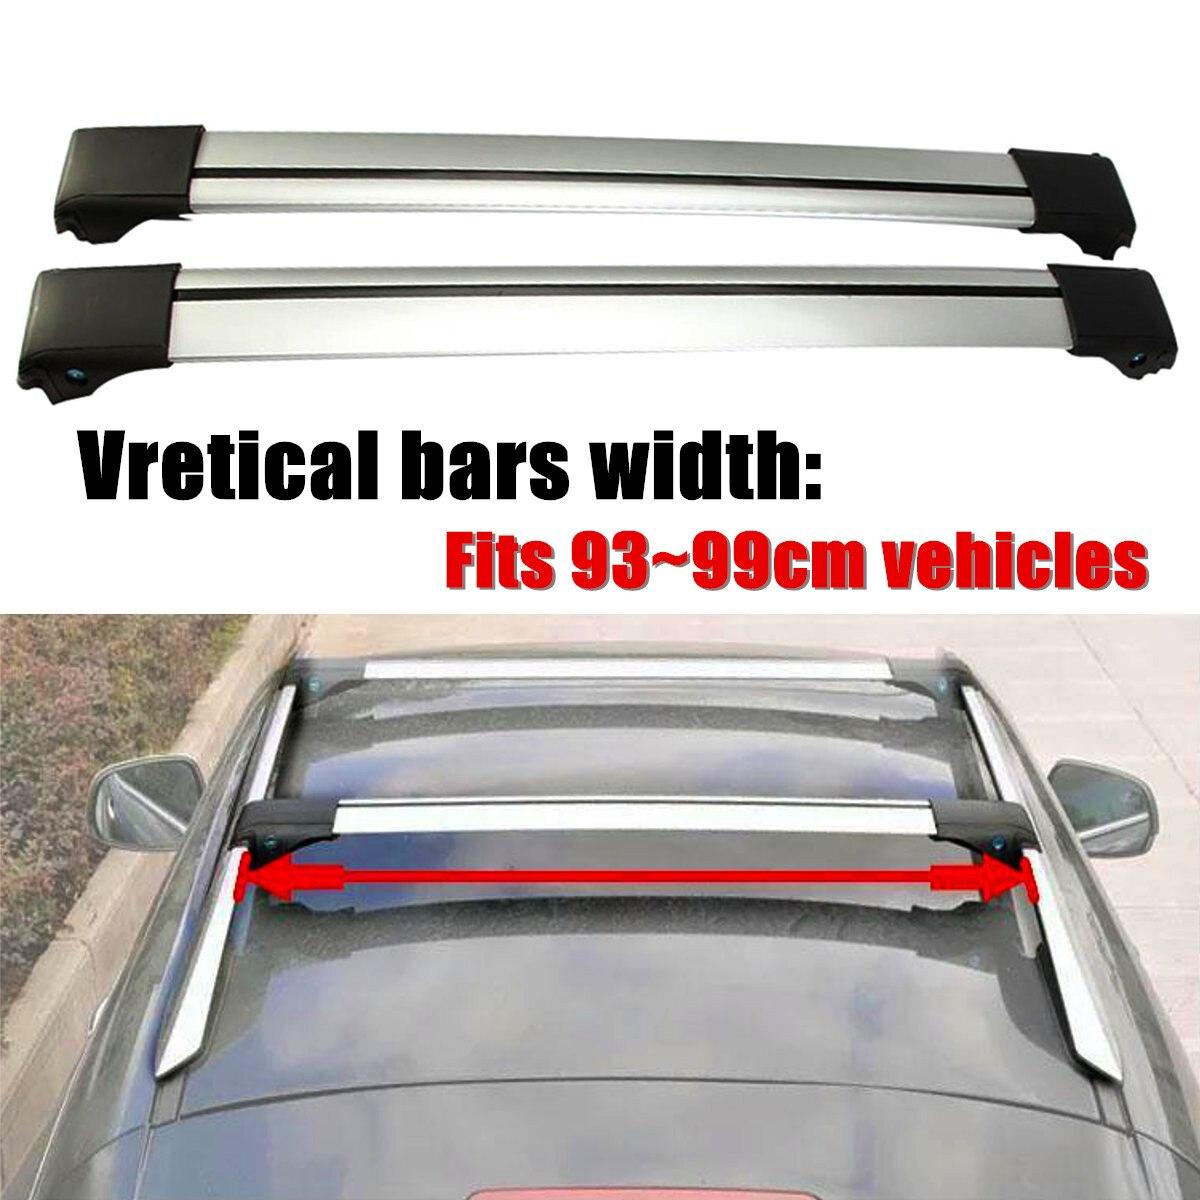 2X93 cm-99 cm 97cm universel voiture toit porte-bagages panier Rail supérieur barre transversale porte-bagages pour Rail surélevé